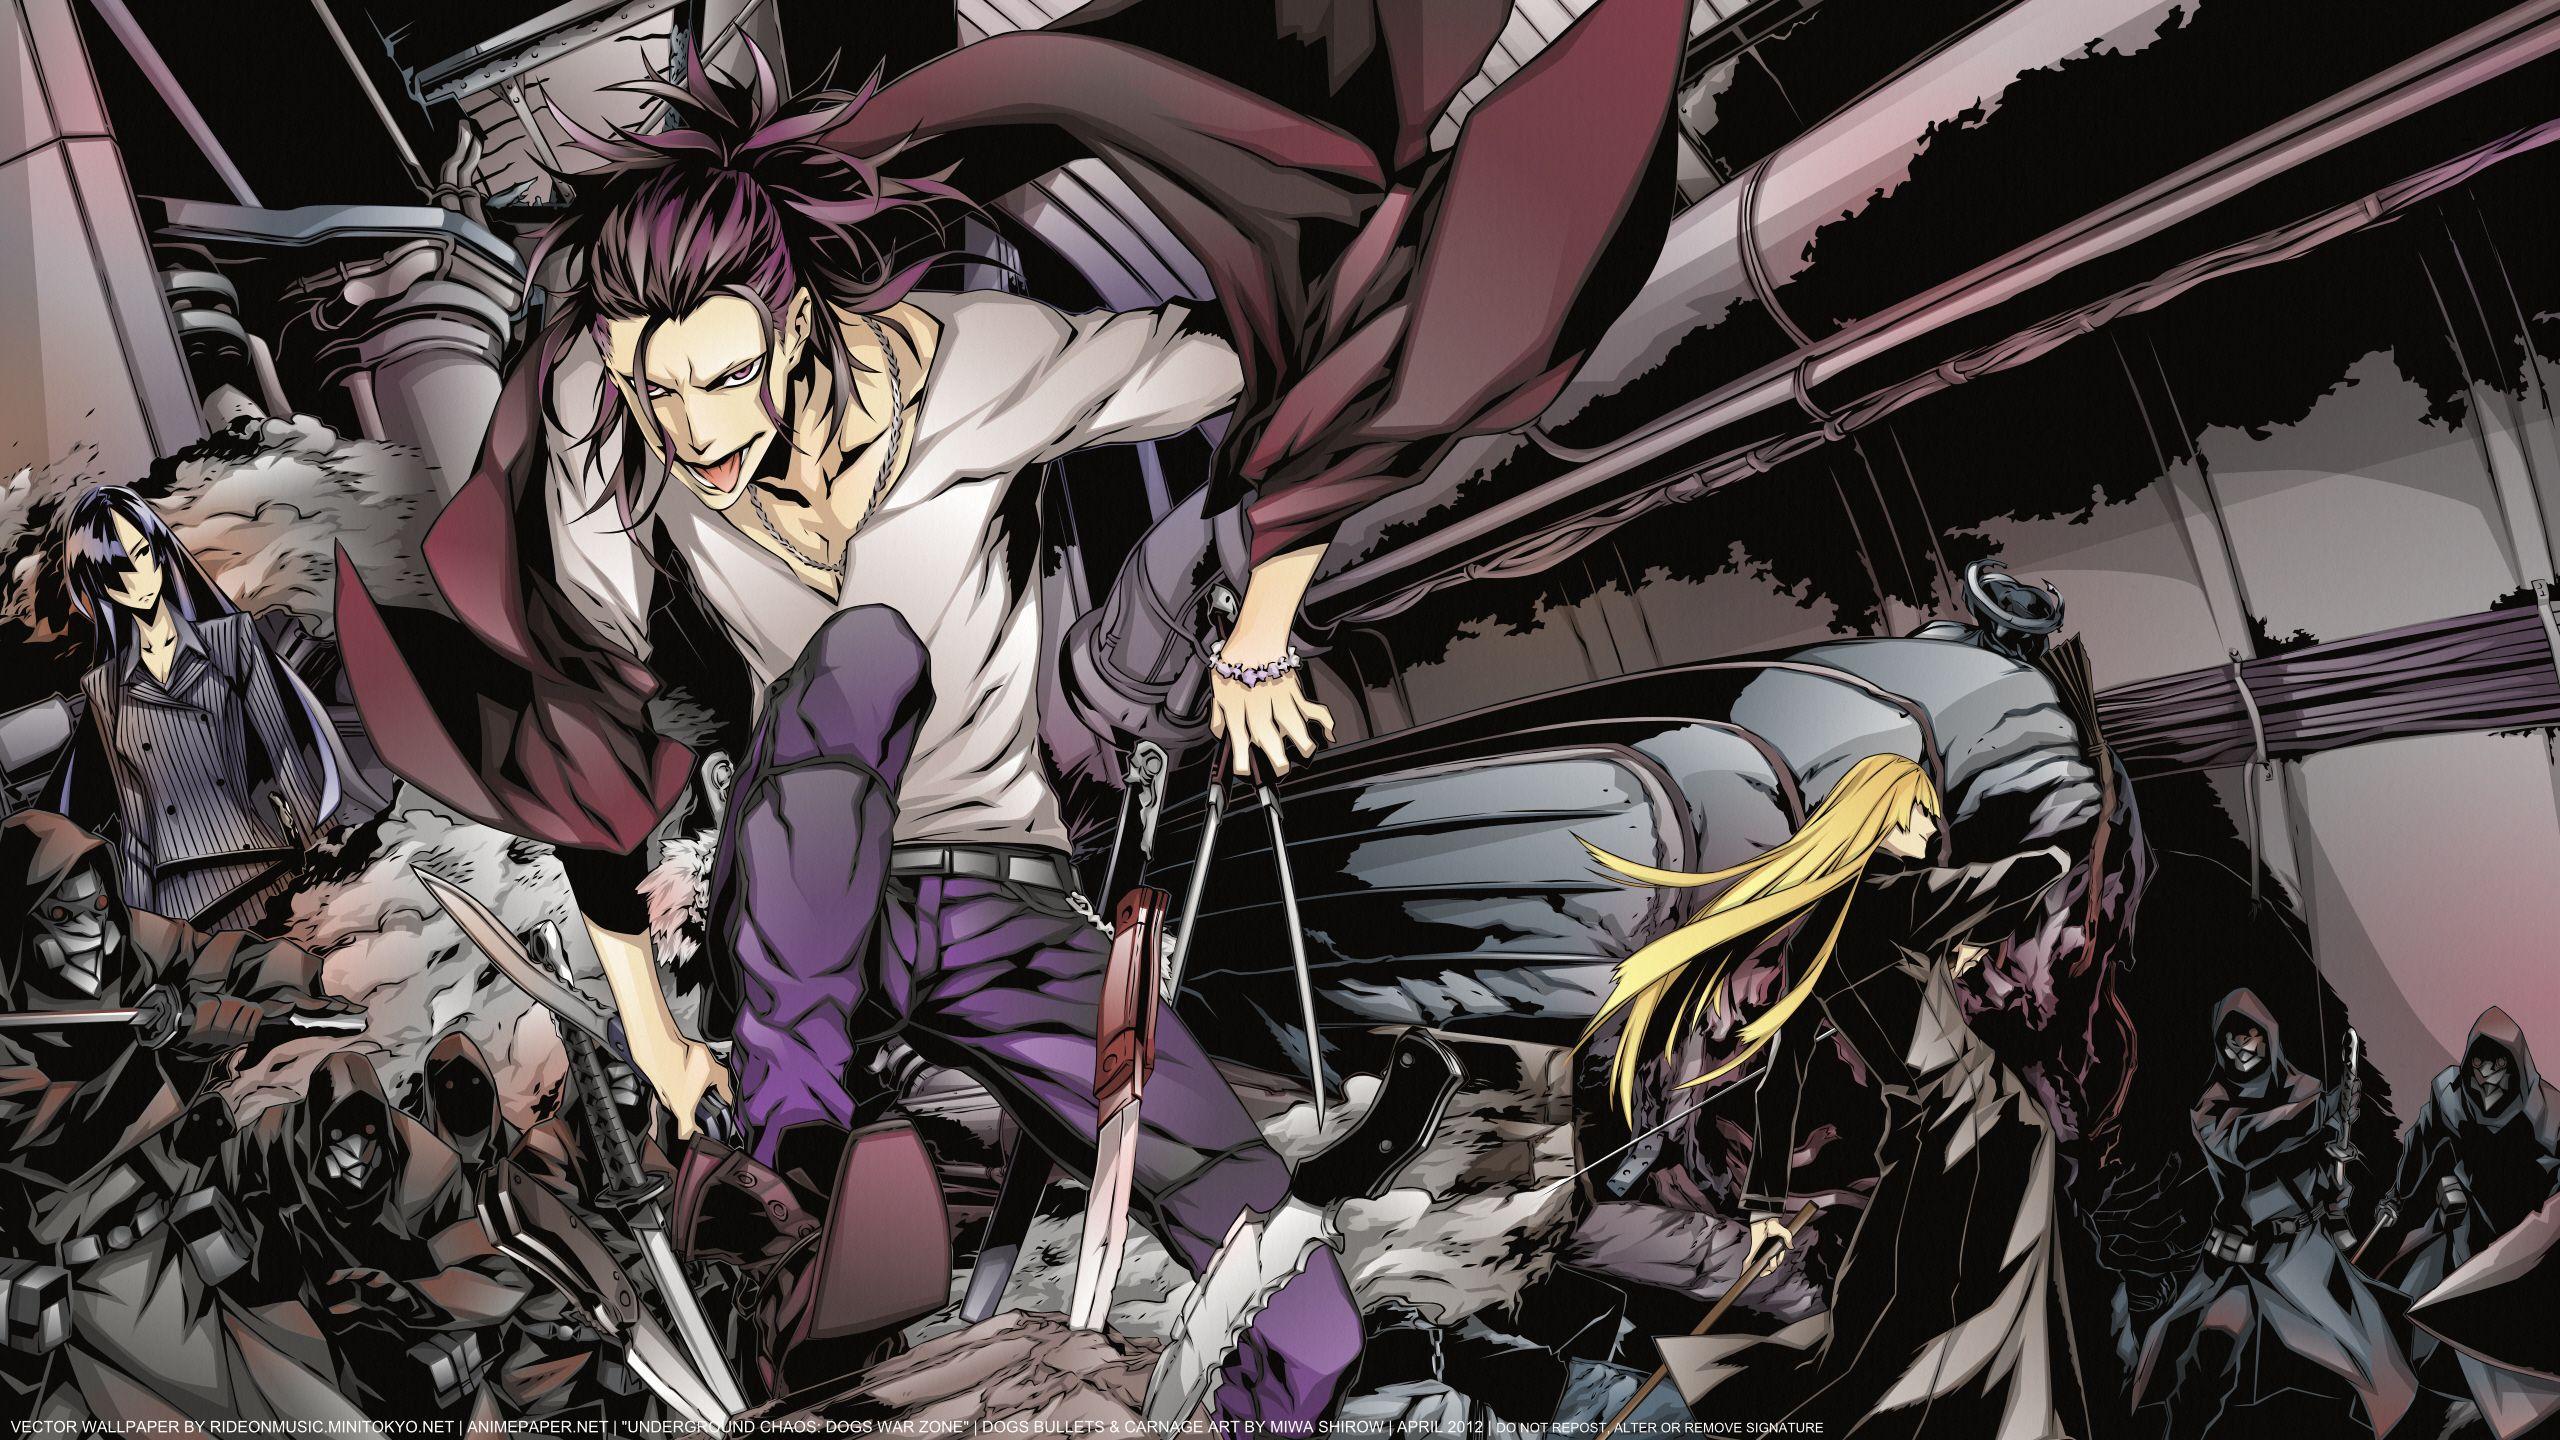 Dogs Bullets and Carnage Mangaka Miwa Shirow Characters